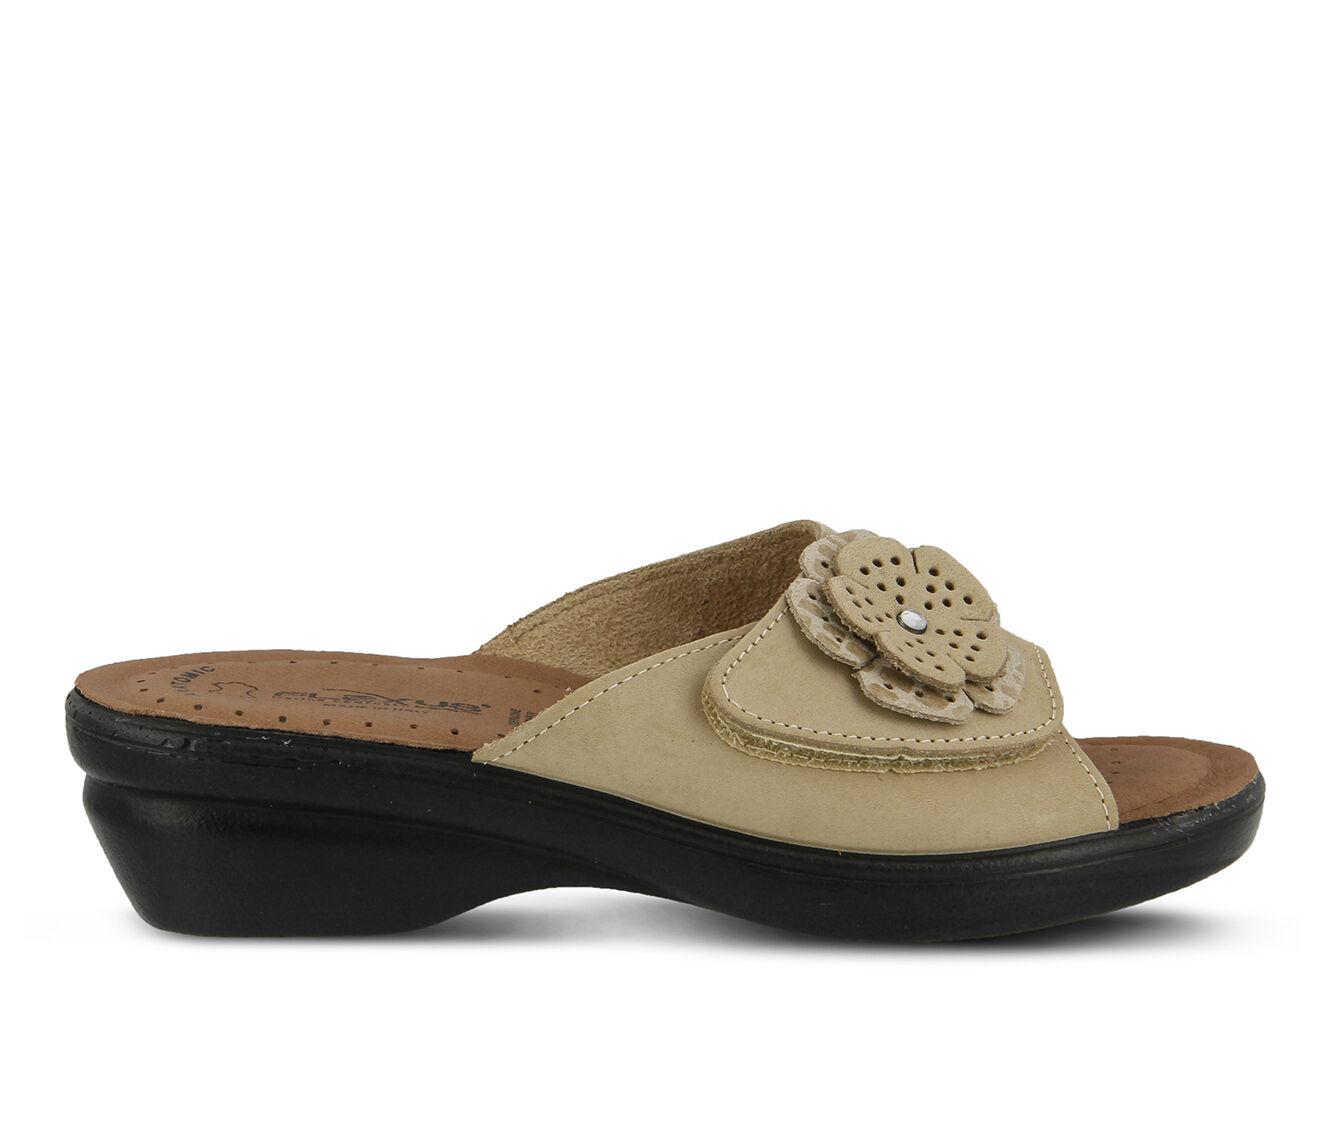 Women's FLEXUS Fabia Sandals Beige